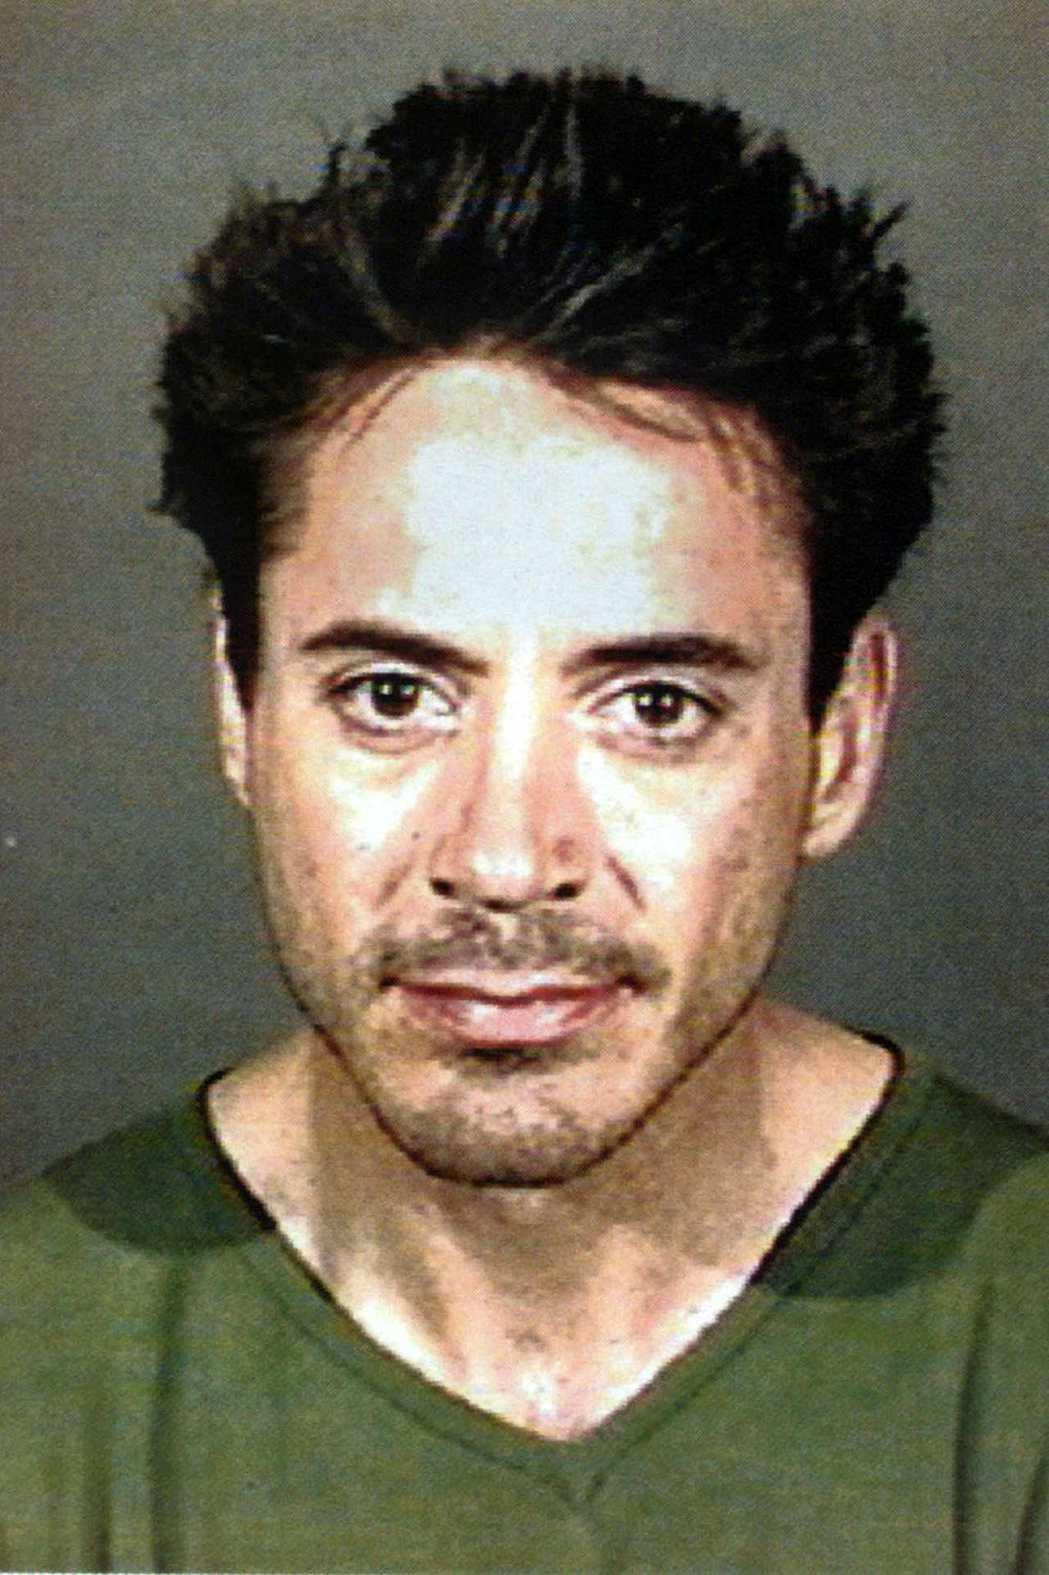 接連被查出持有毒品後,小勞勃道尼一度入監服刑。圖/路透資料照